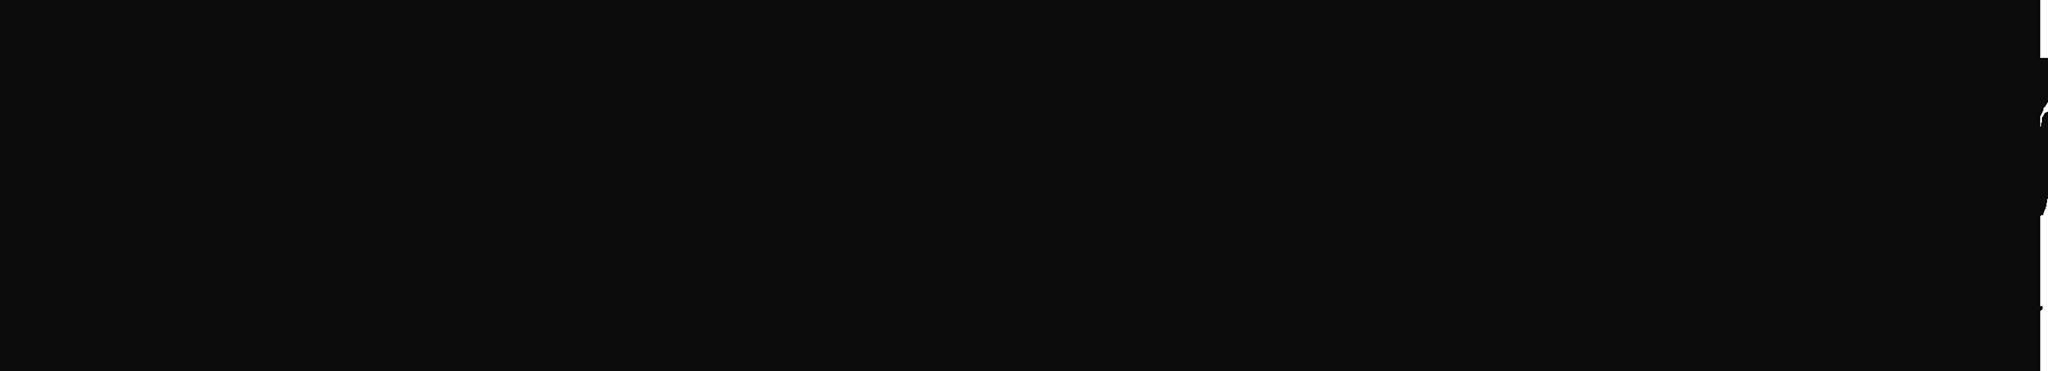 otf_logotyp_black